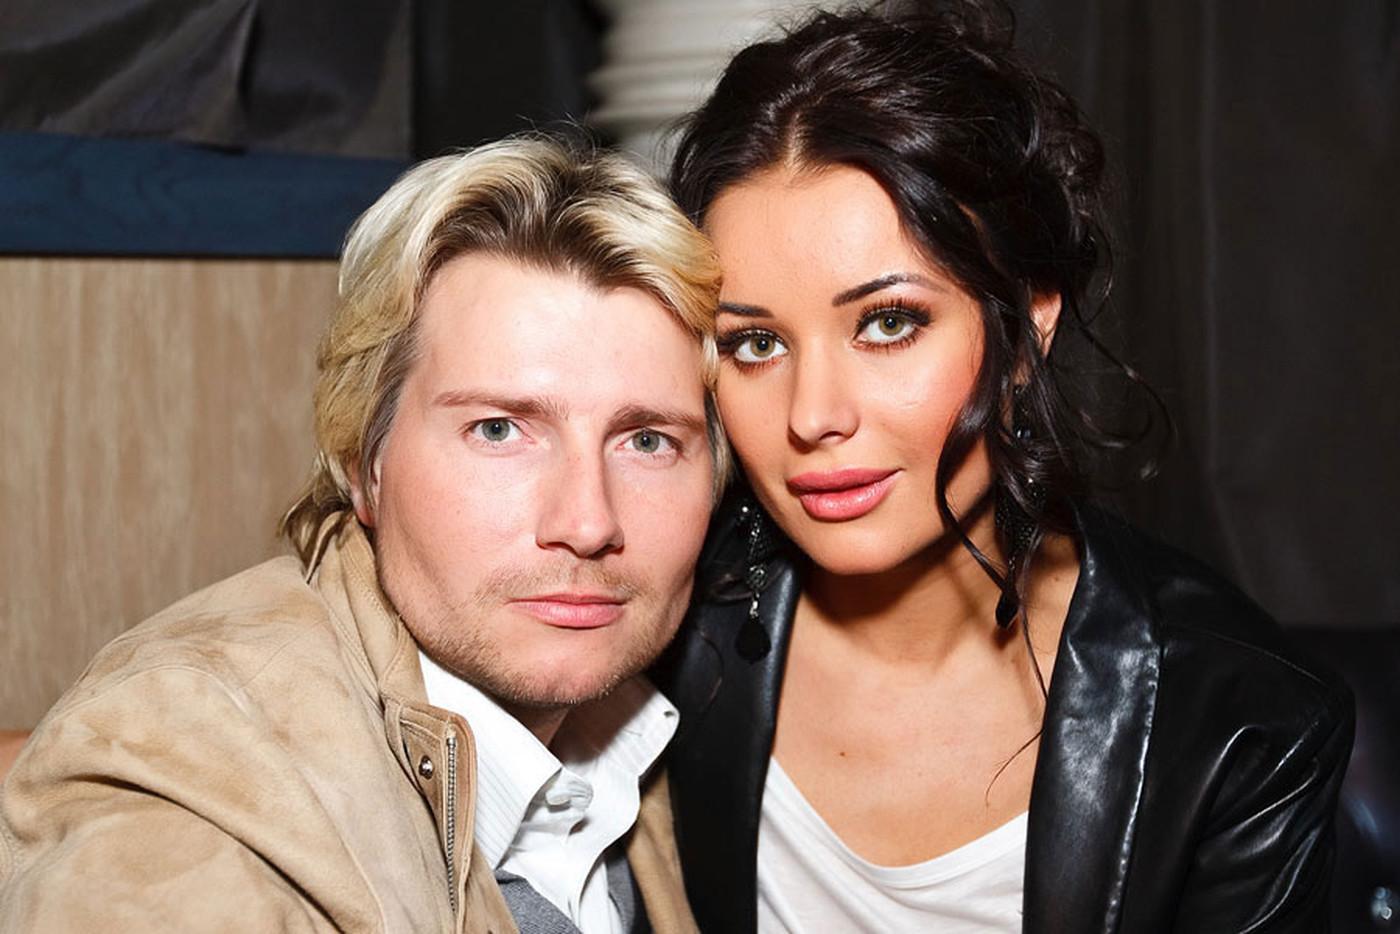 Самые известные российские звезды, которые строили фиктивные отношения